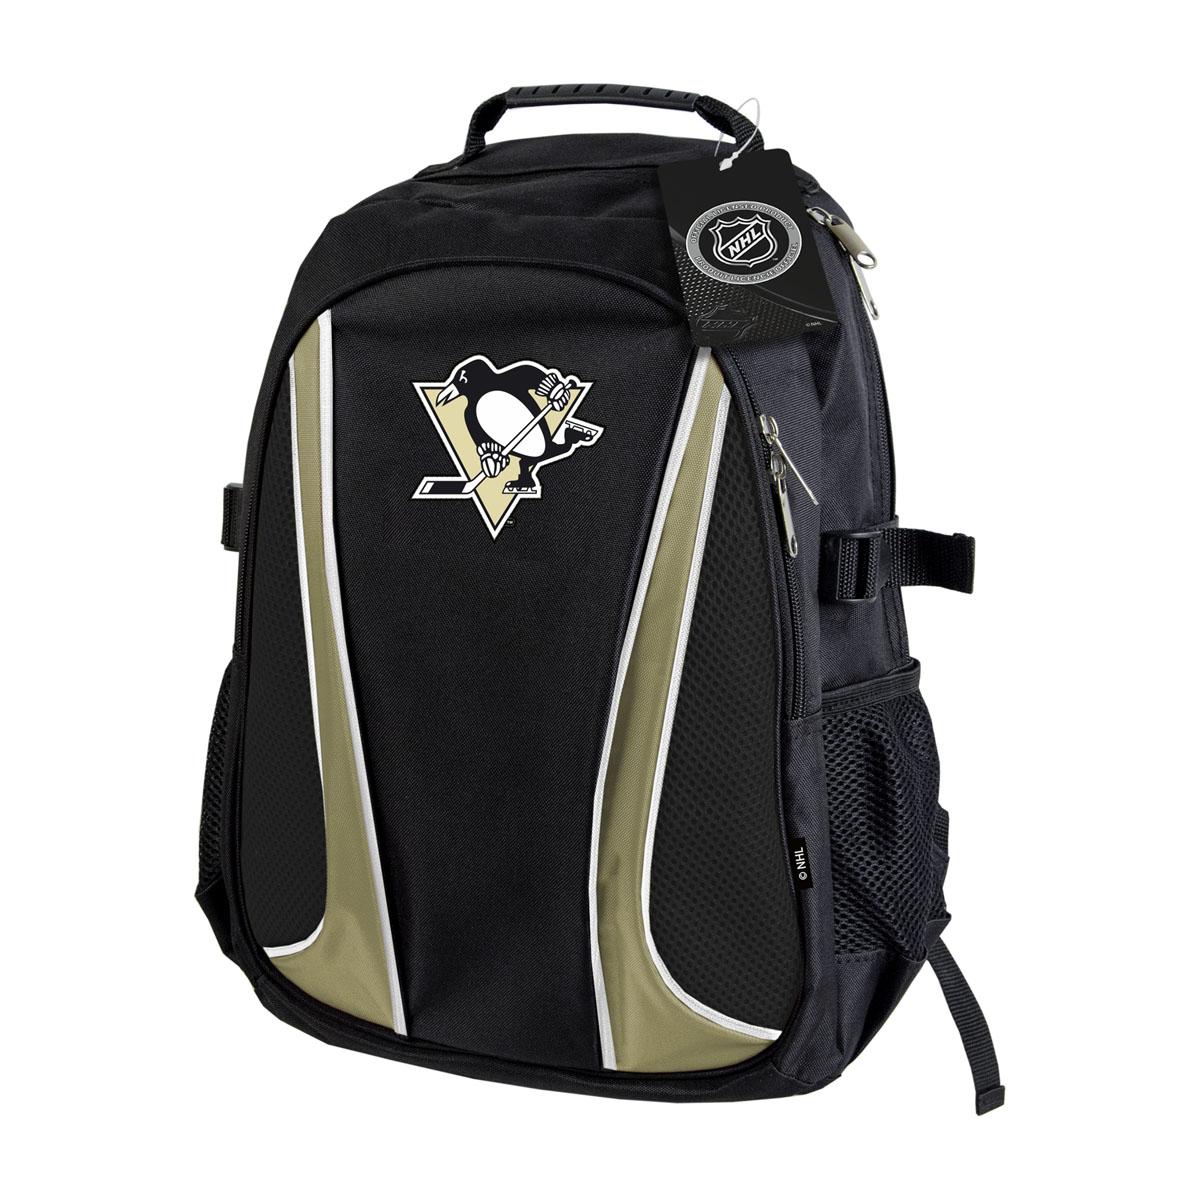 Рюкзак спортивный NHL Pittsburg Penguins, цвет: черный, 18 л. 58005 ( 58005 )